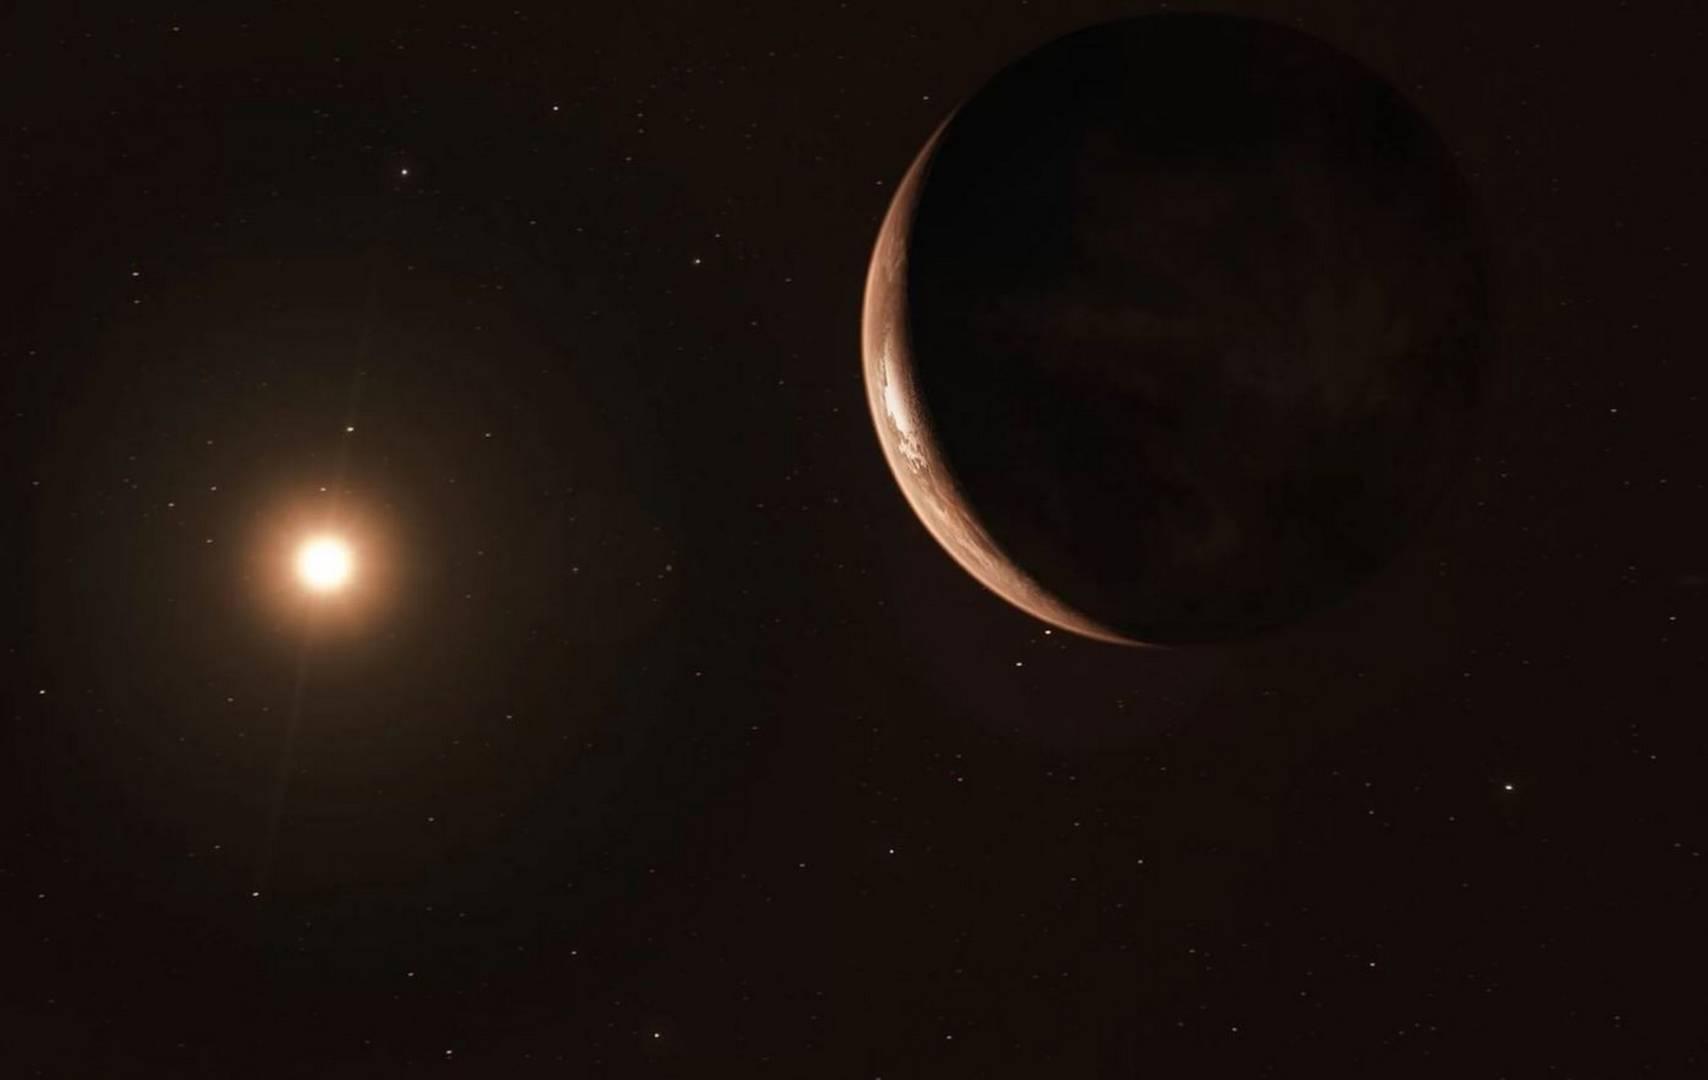 Esopianeta attorno alla stella di Barnard